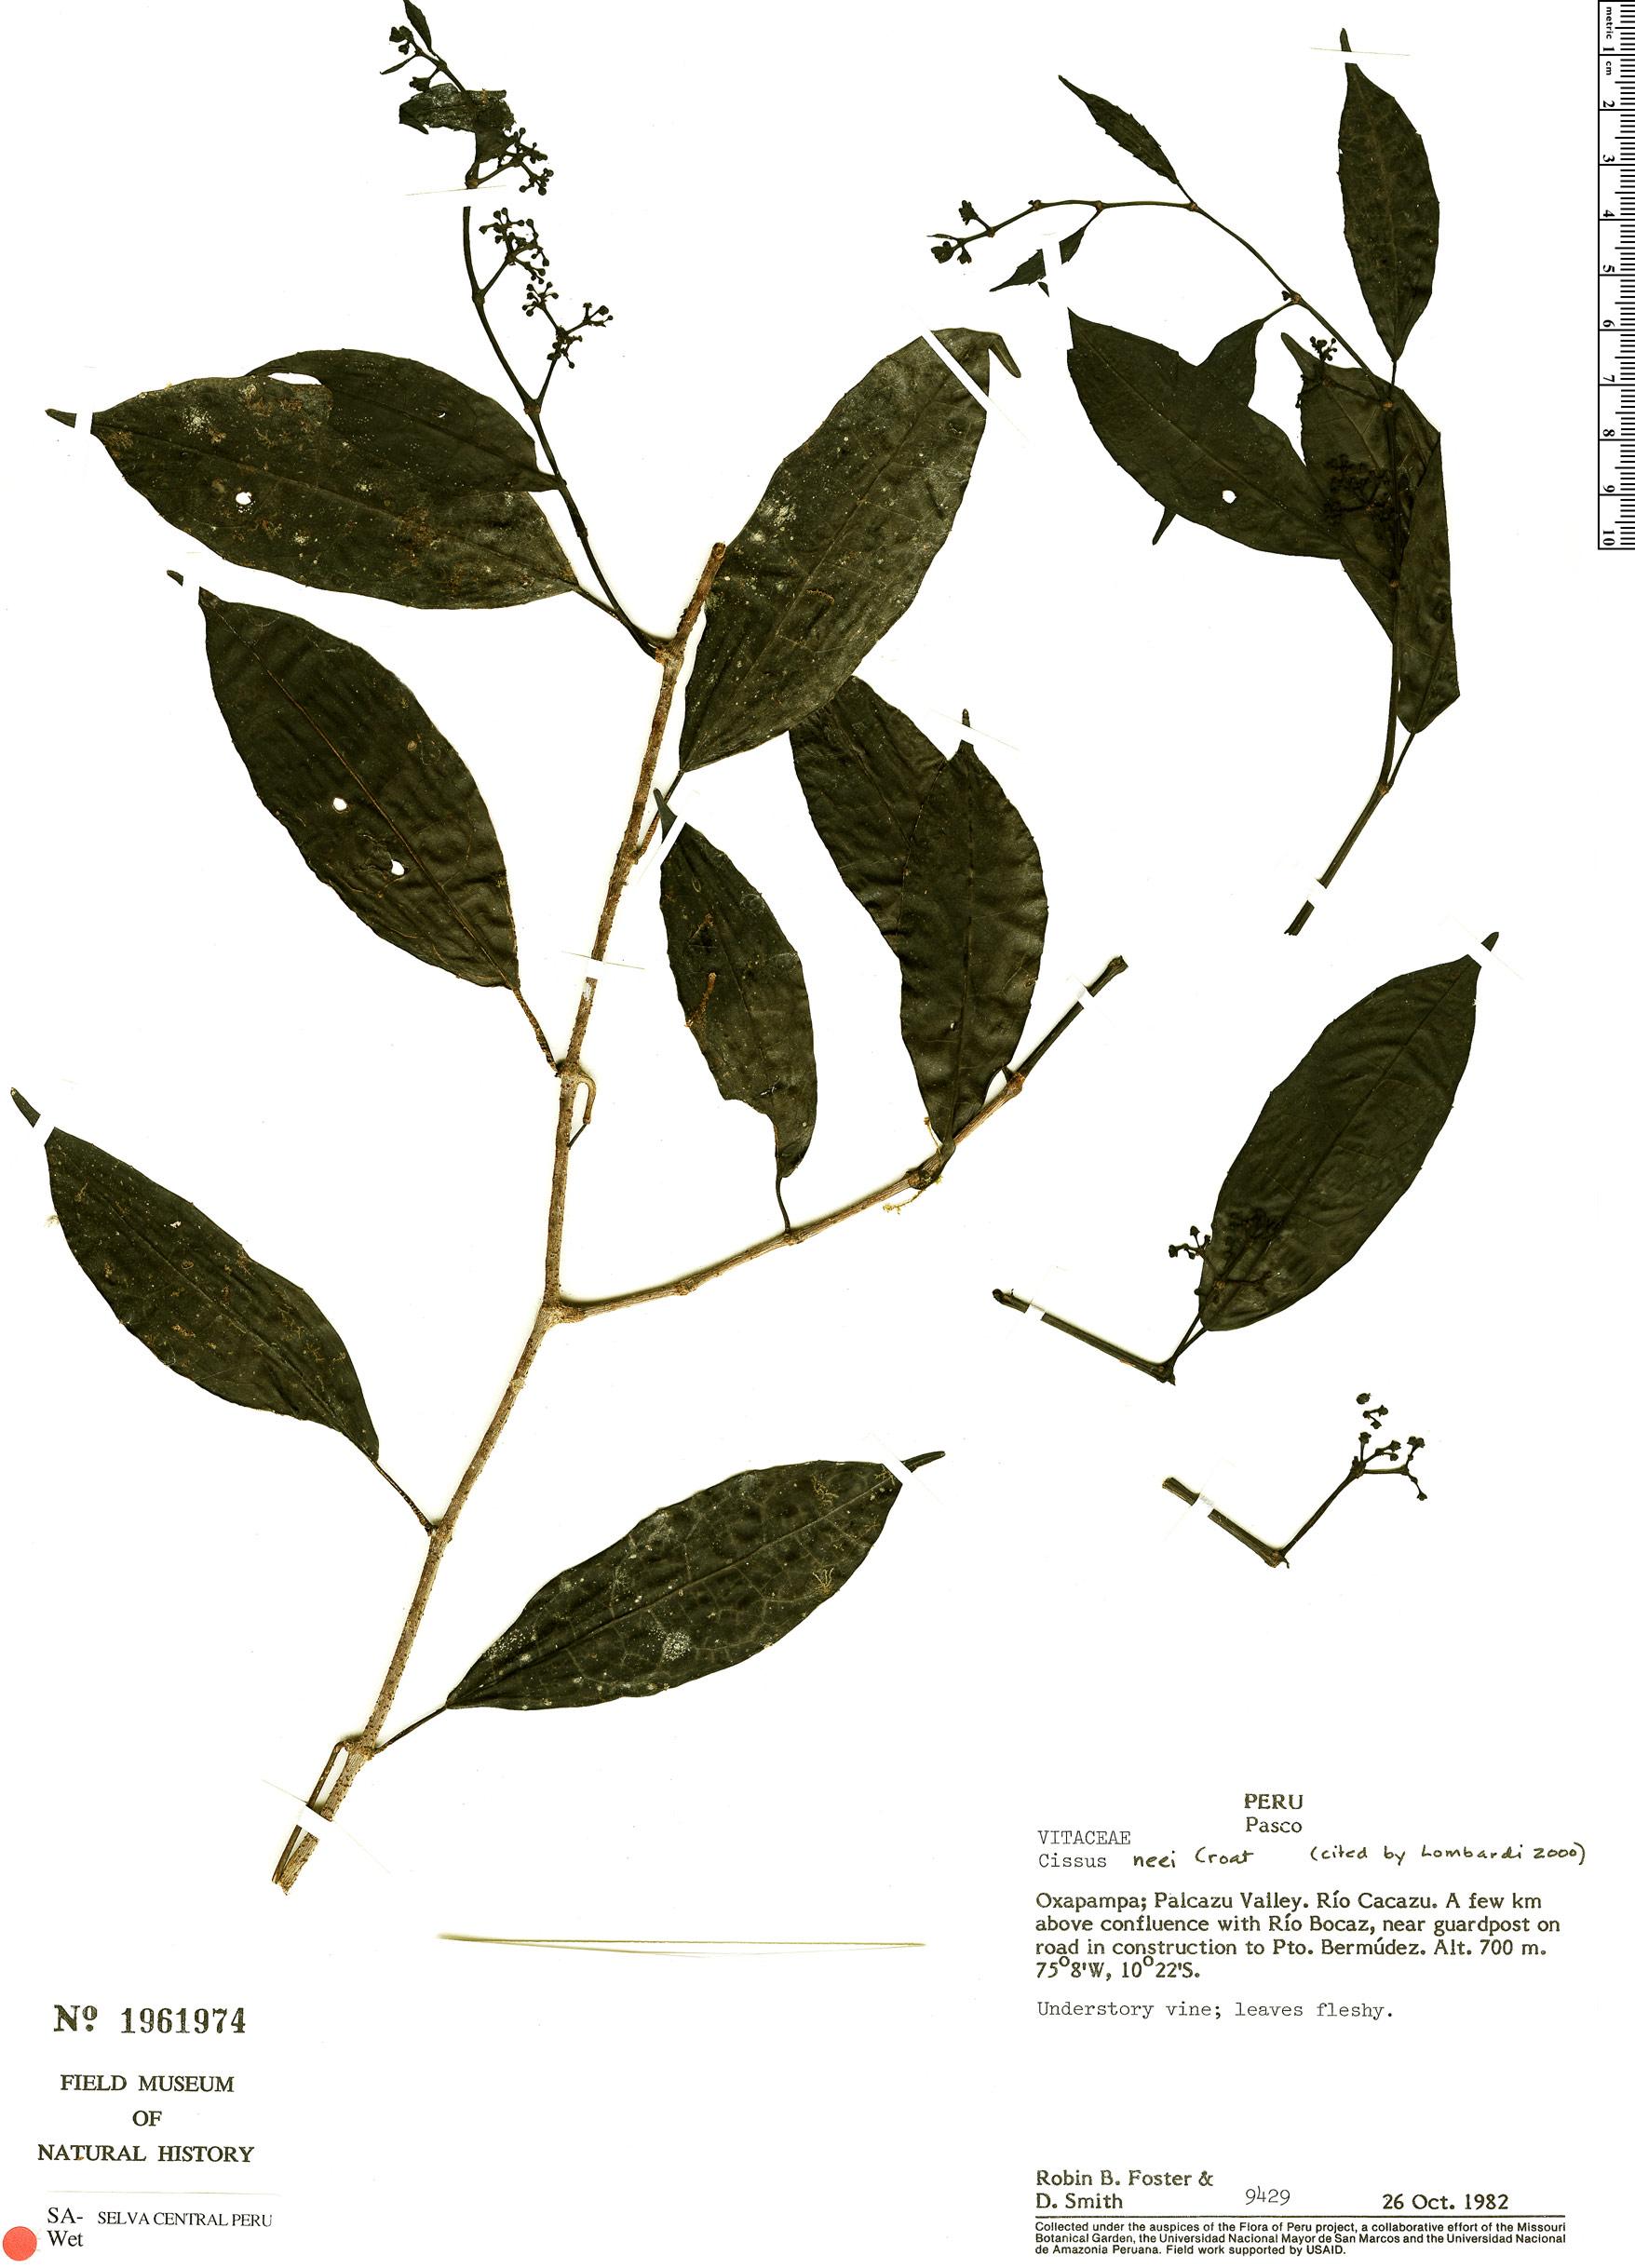 Specimen: Cissus neei